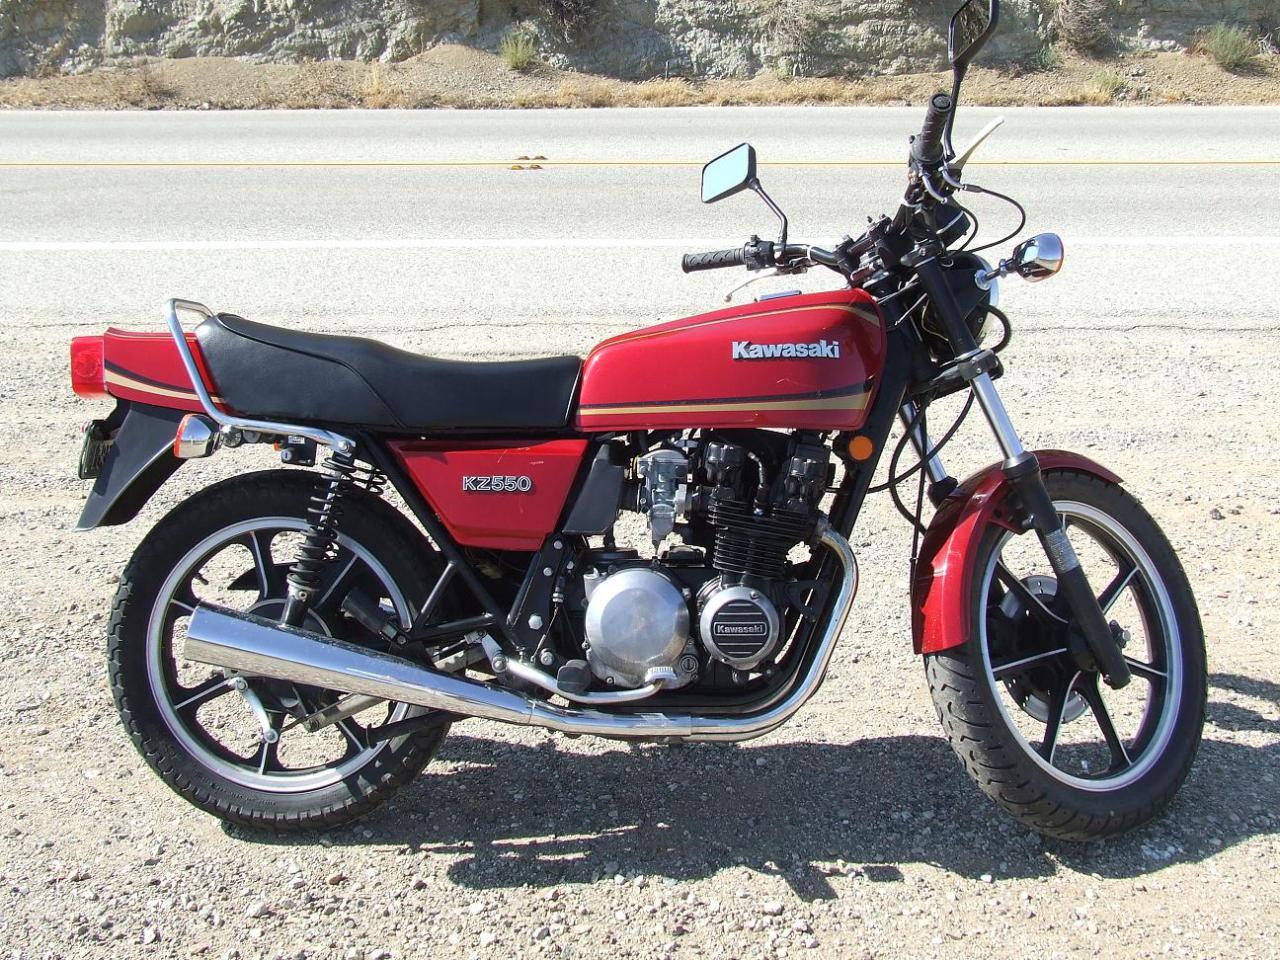 1980 Kawasaki GPZ550